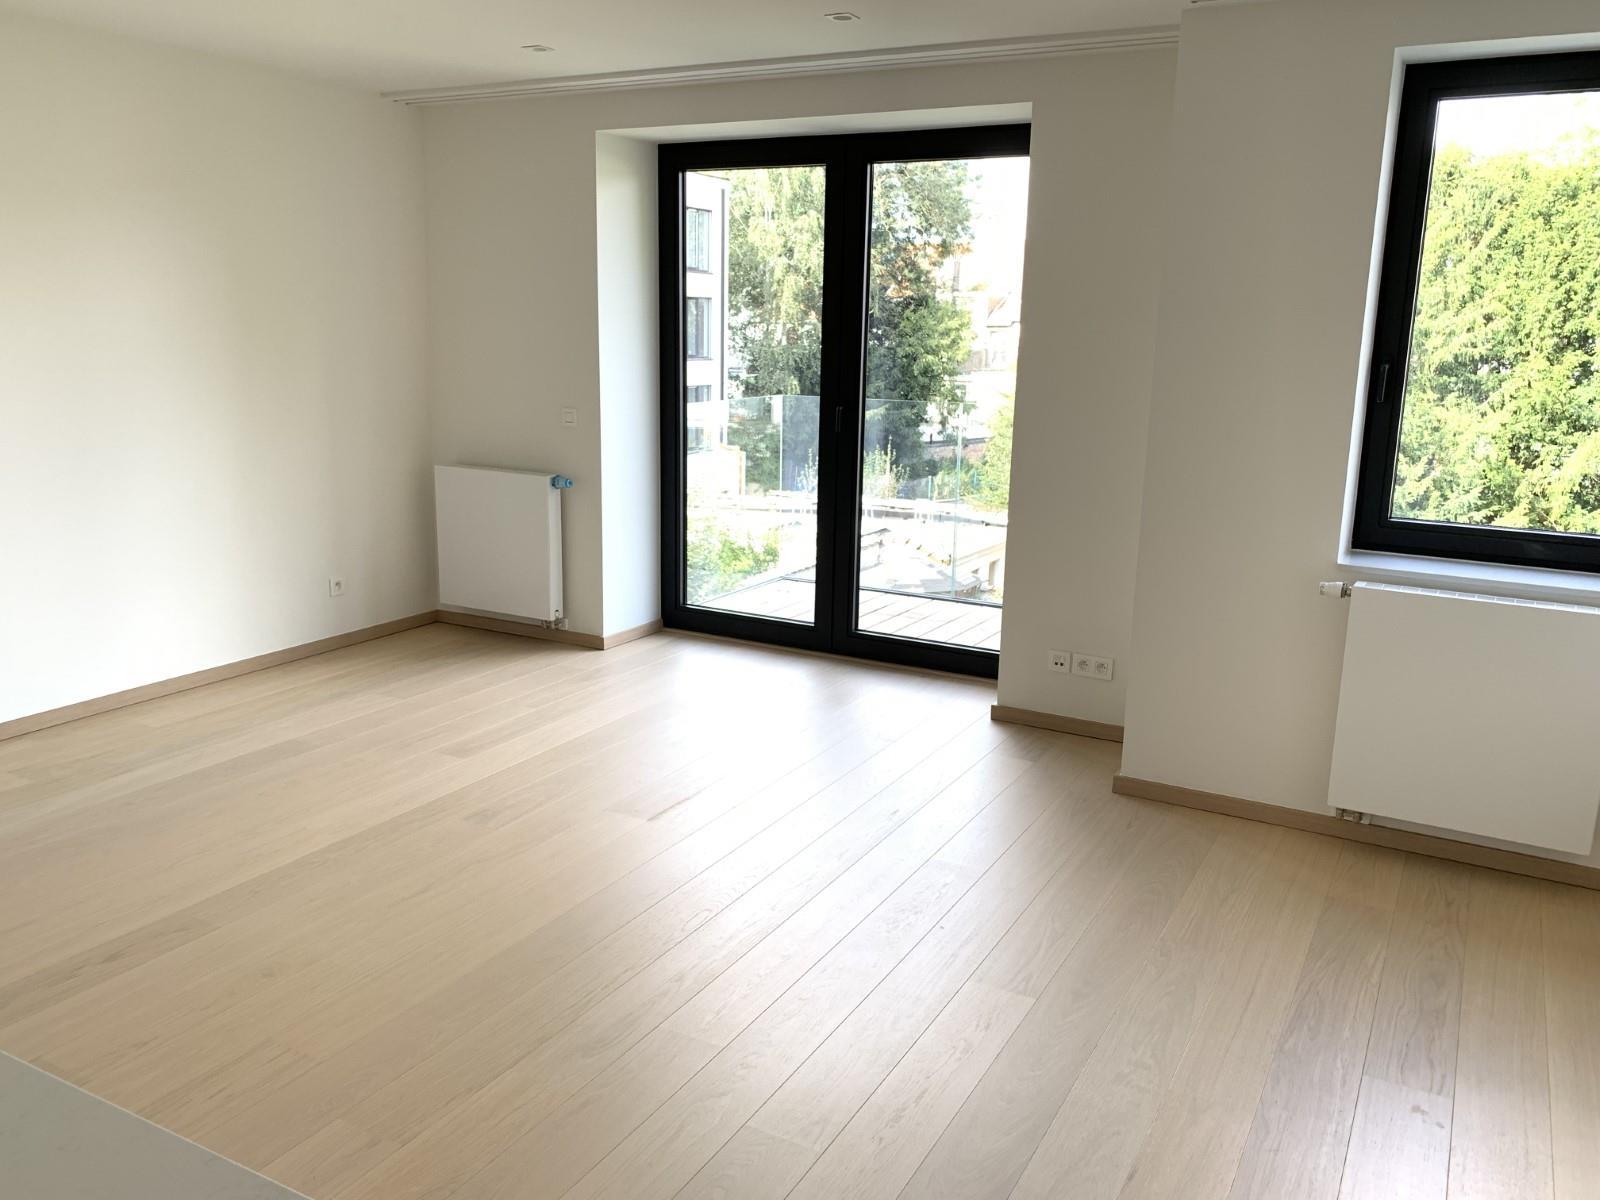 Appartement exceptionnel - Ixelles - #3929578-1